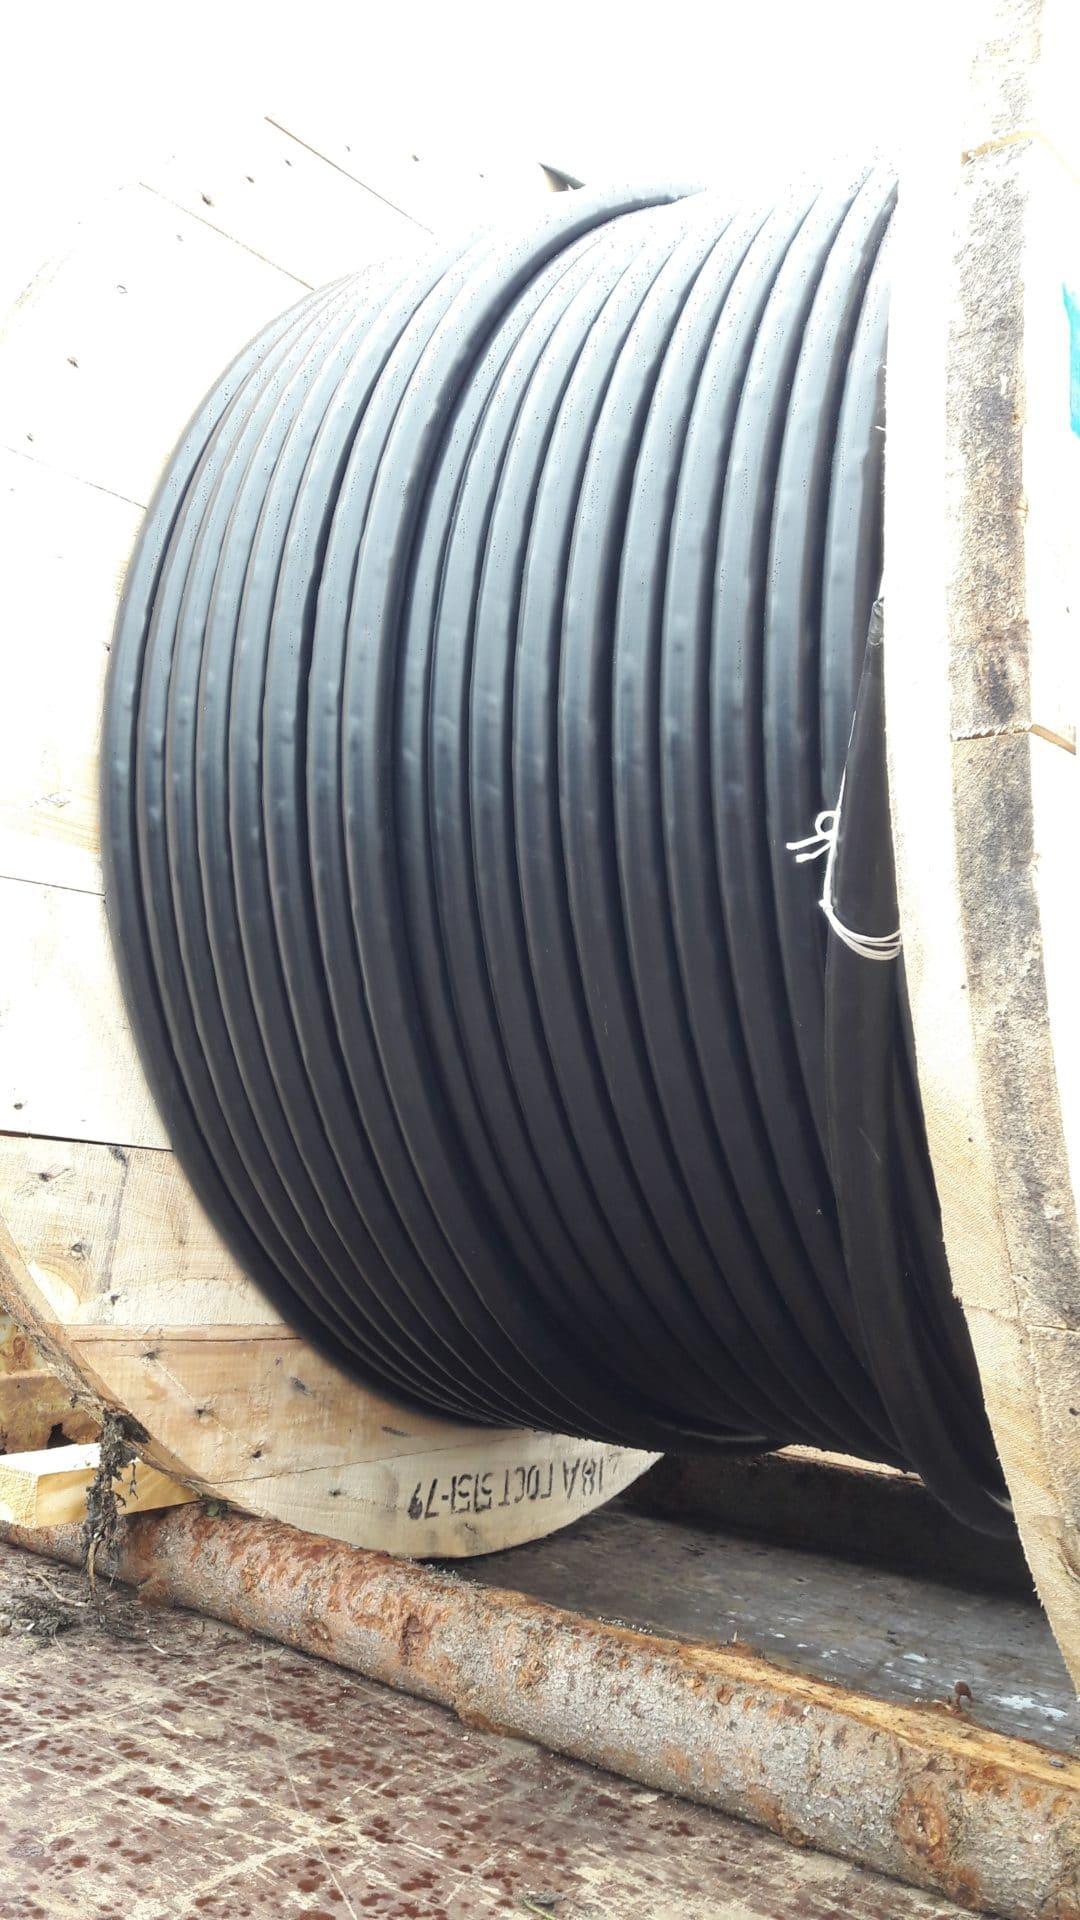 купить силовой кабель в липецке